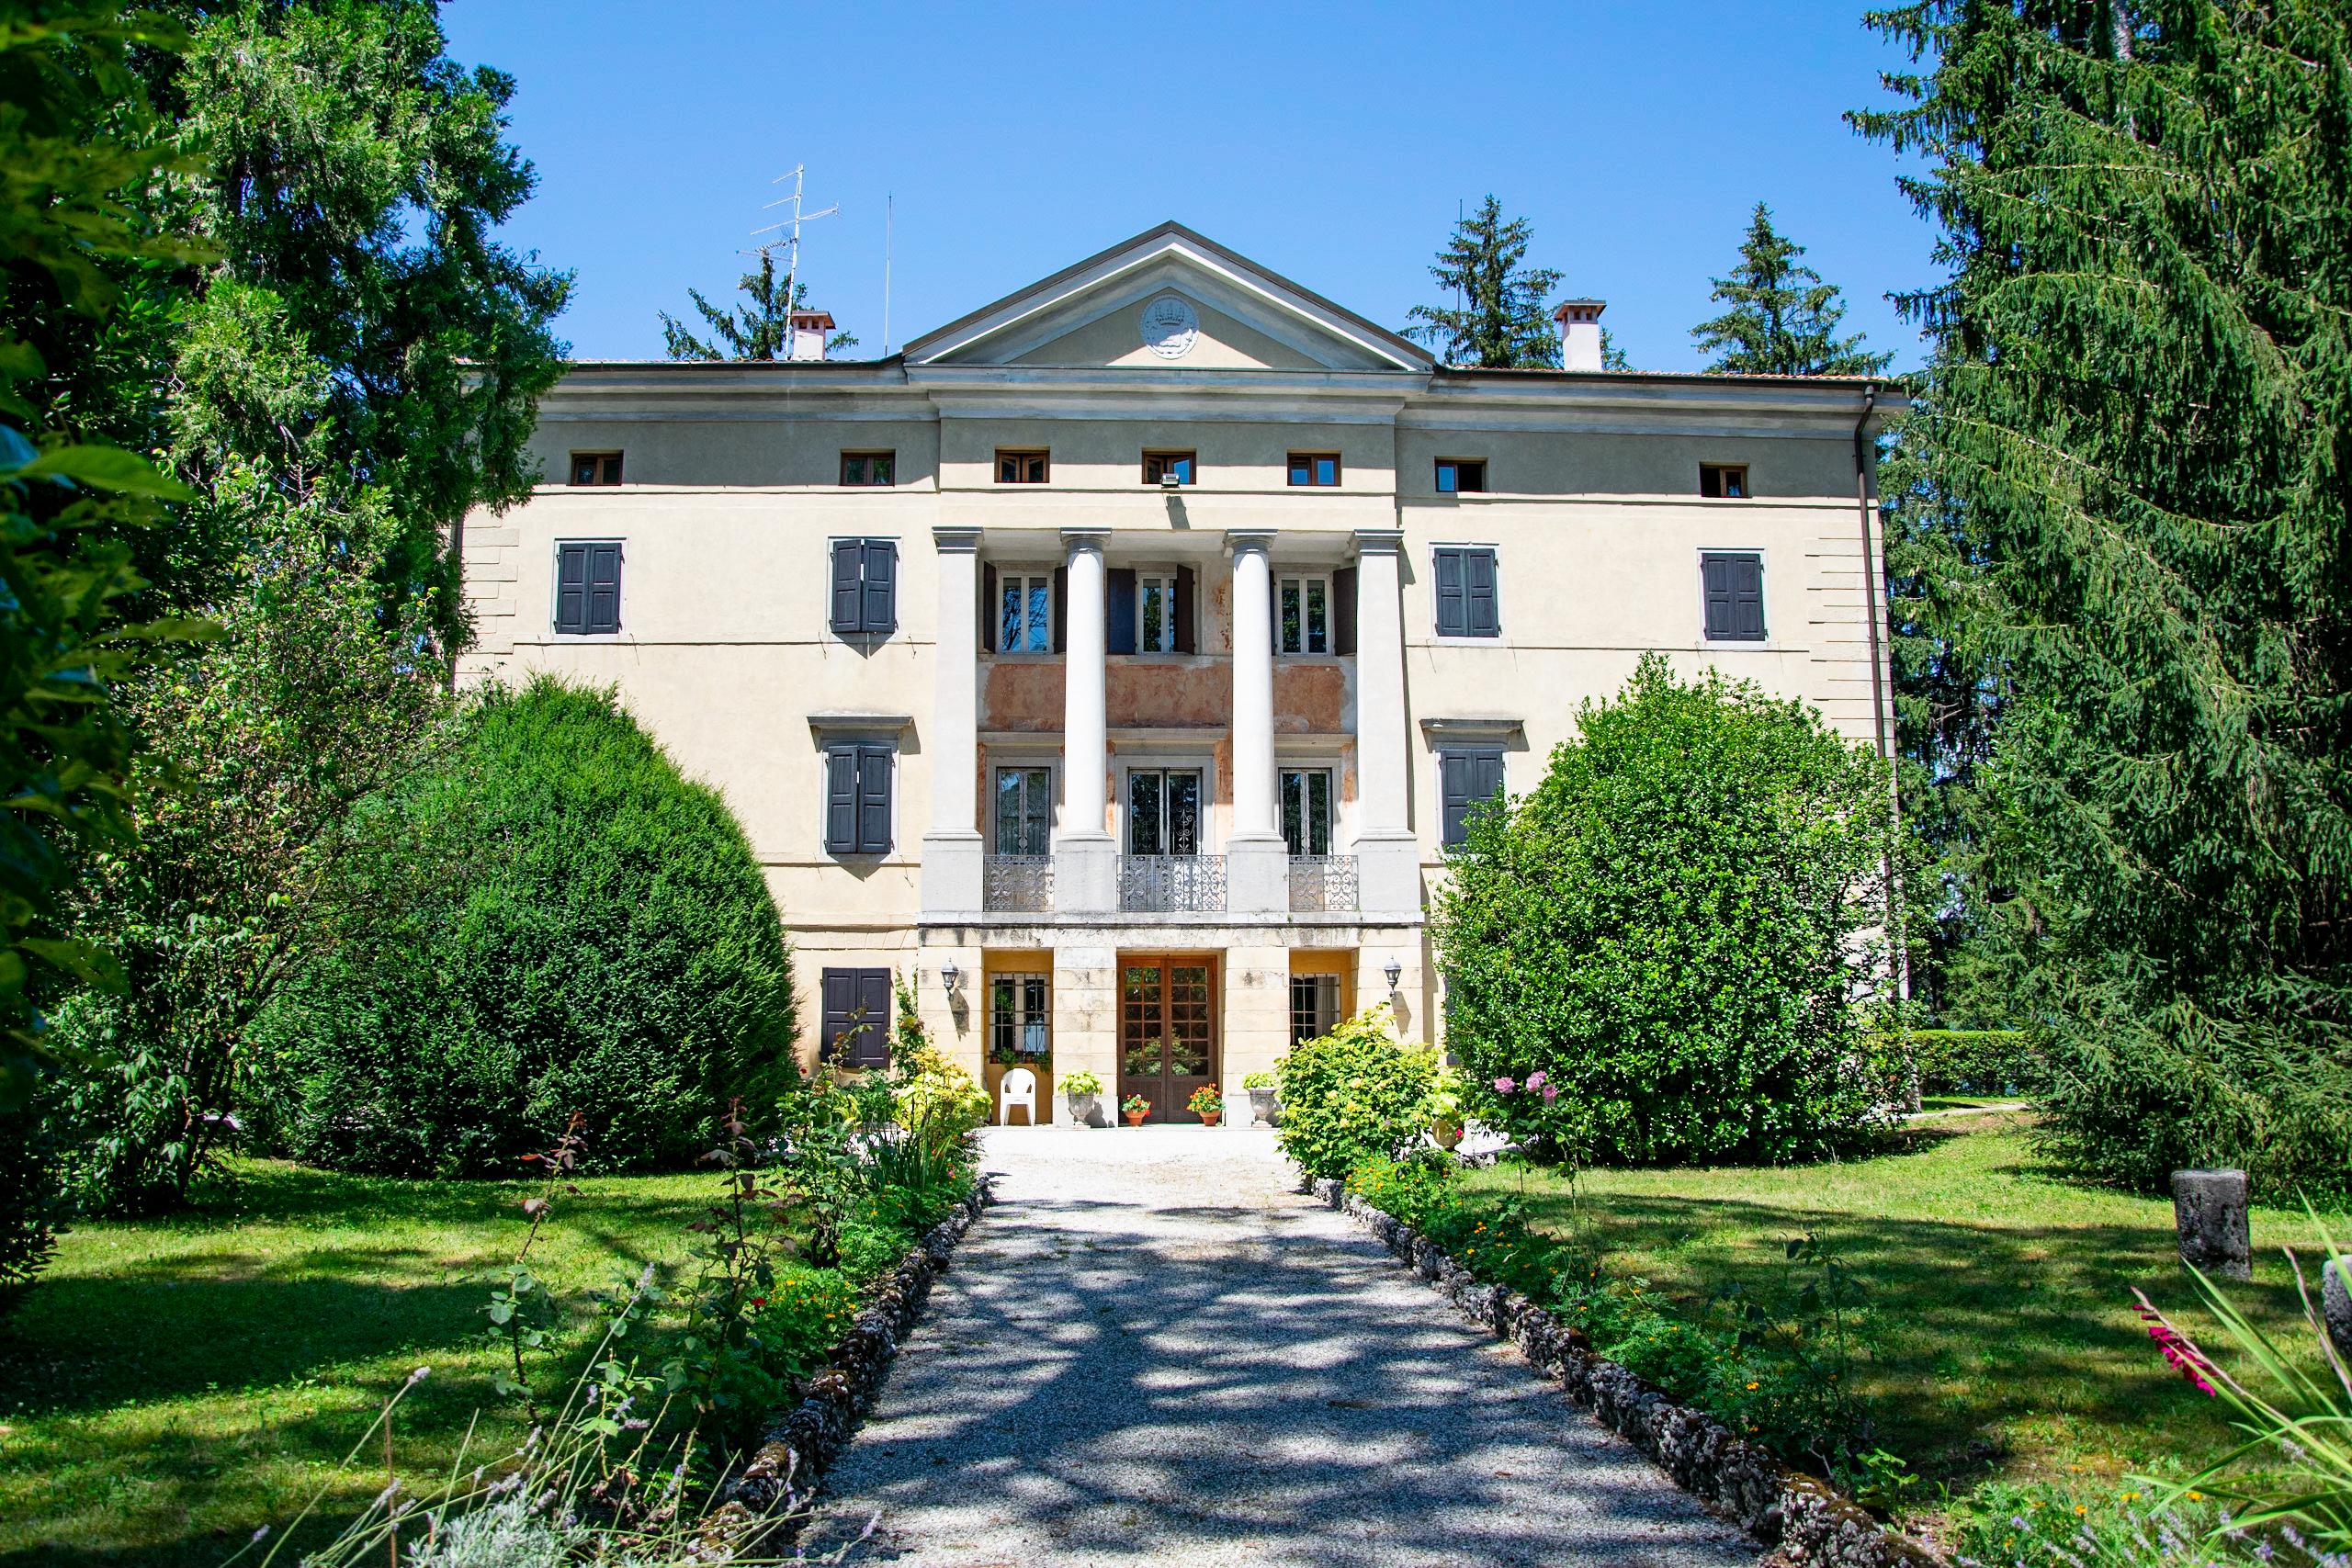 Villa Ticozzi de' Concina - San Daniele del Friuli